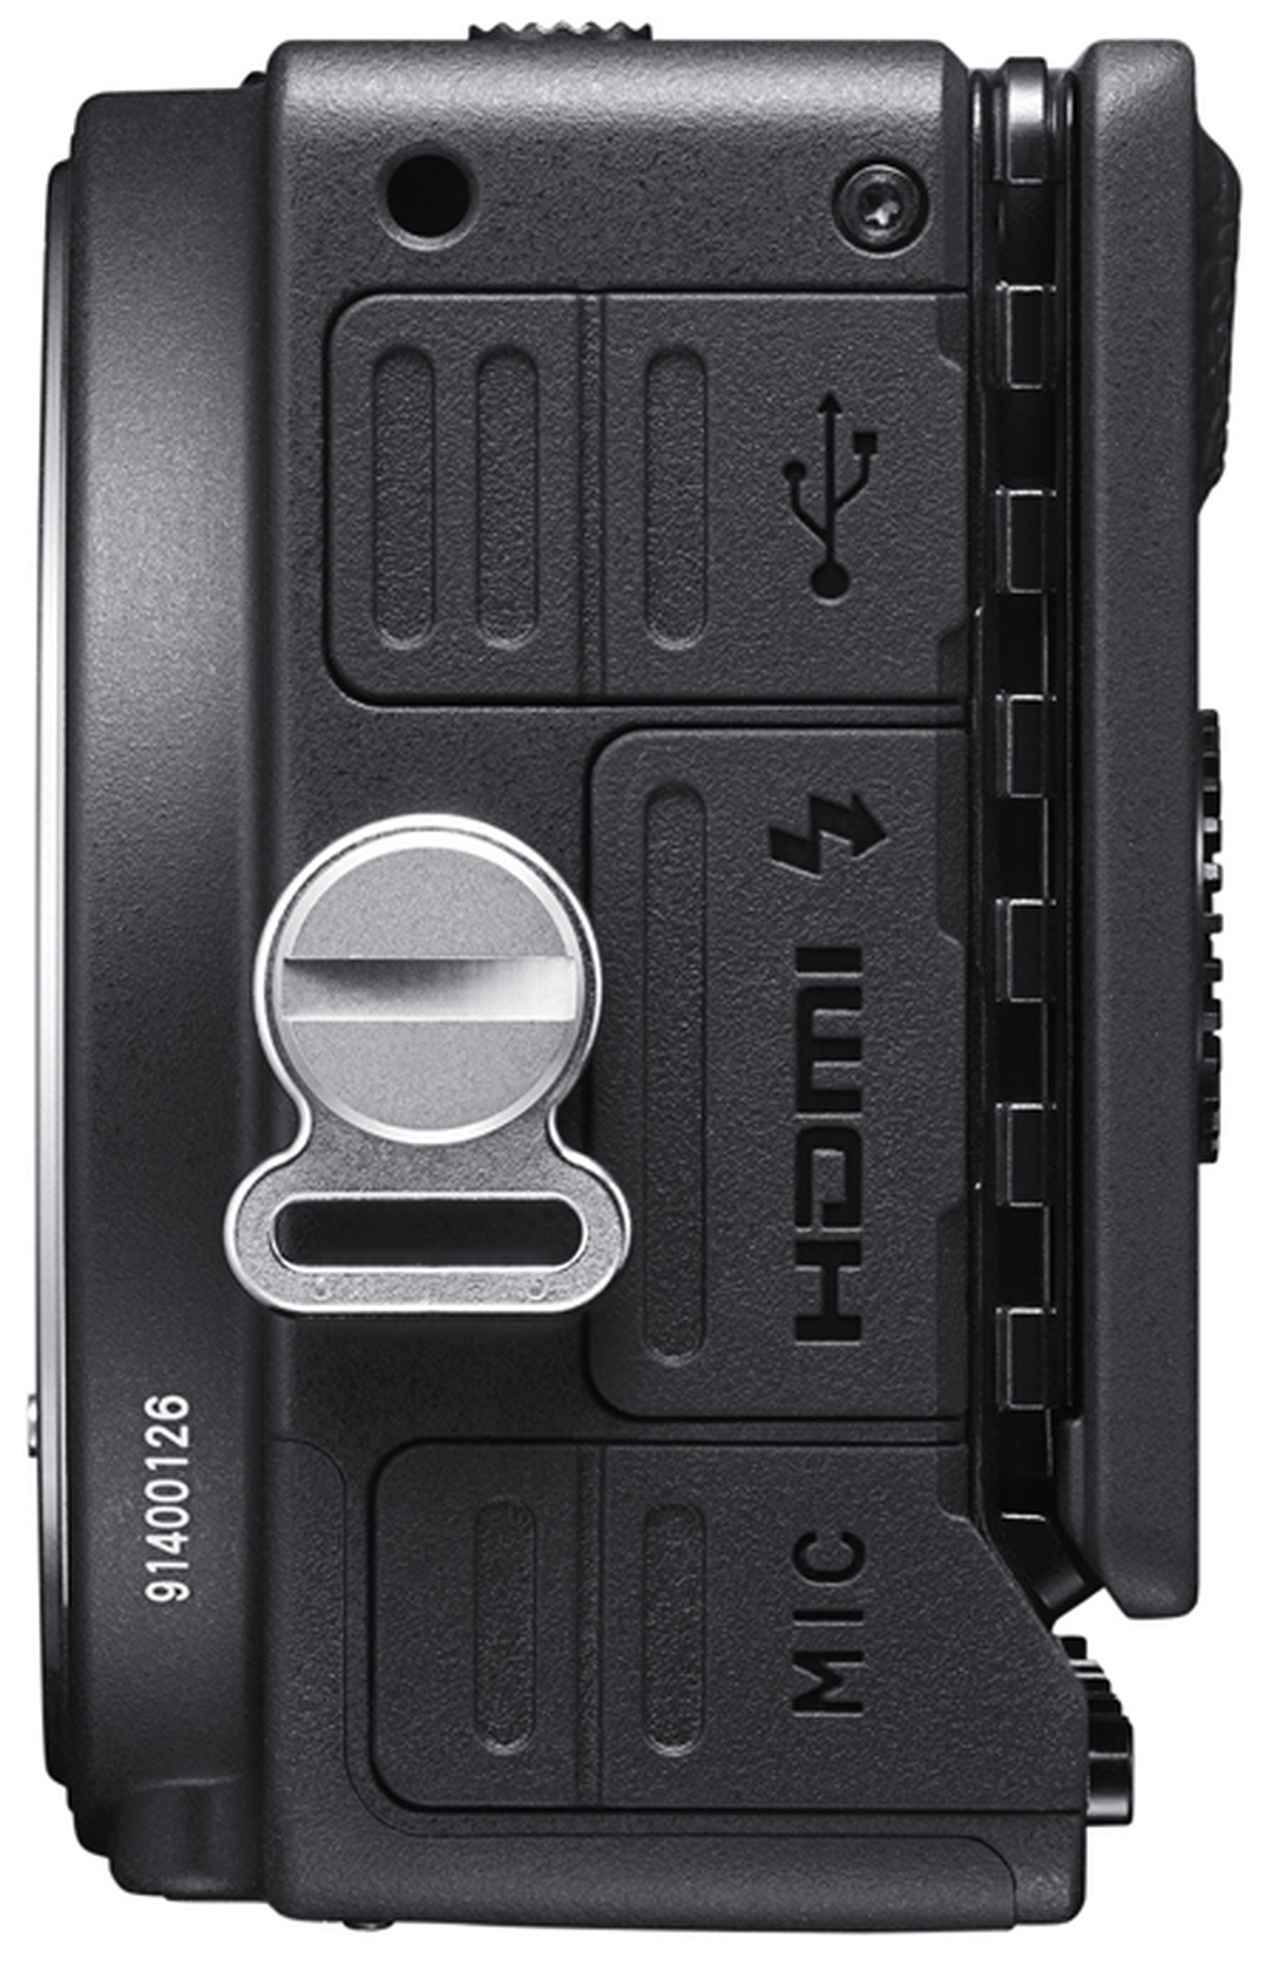 画像6: 世界最小・最軽量のフルサイズ機 「SIGMA fp」発表